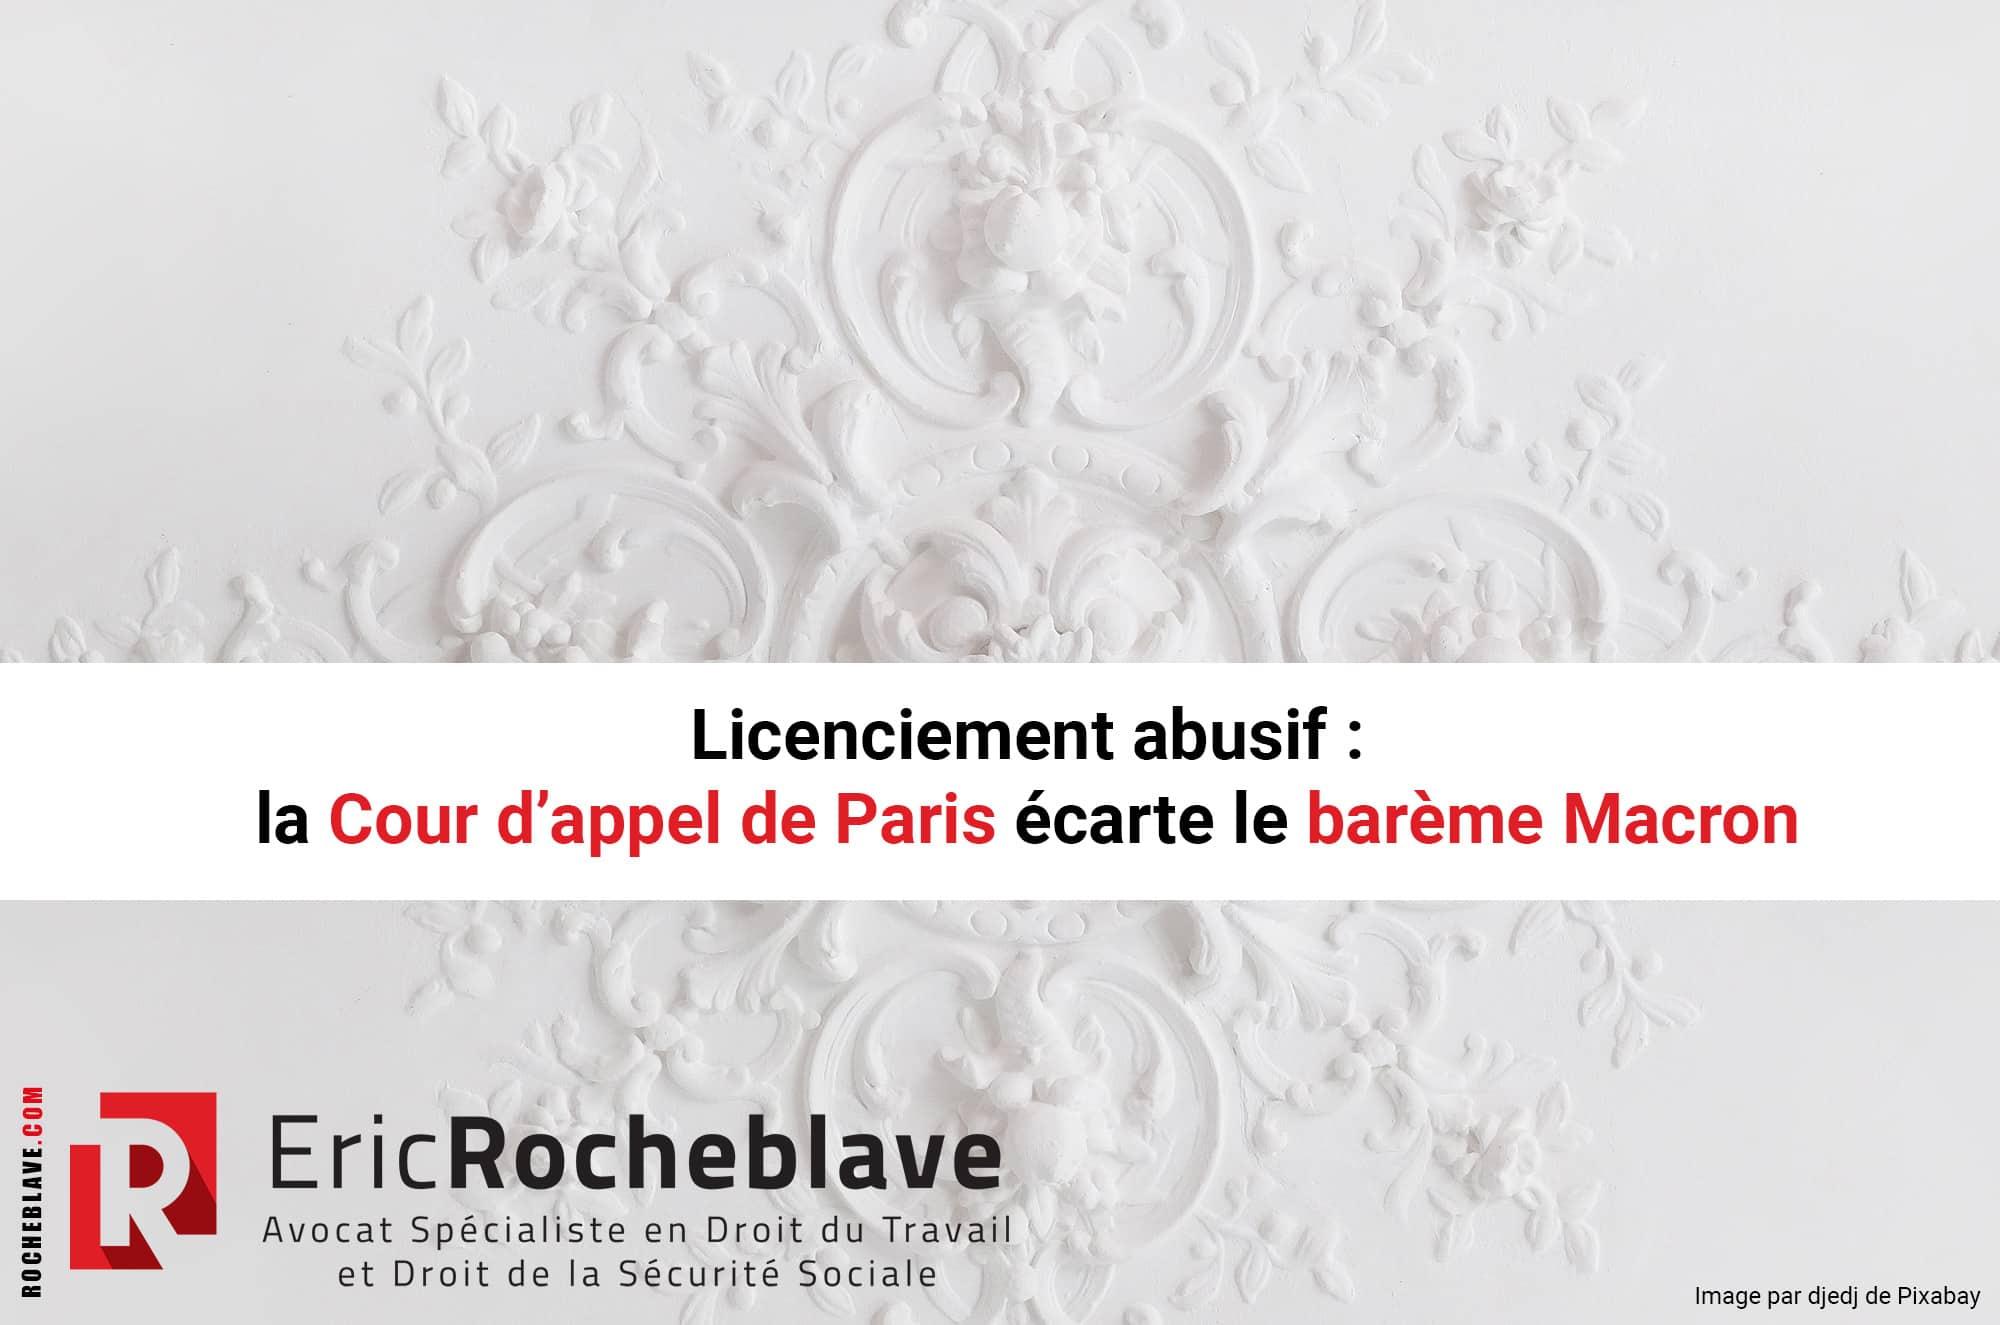 Licenciement abusif : la Cour d'appel de Paris écarte le barème Macron